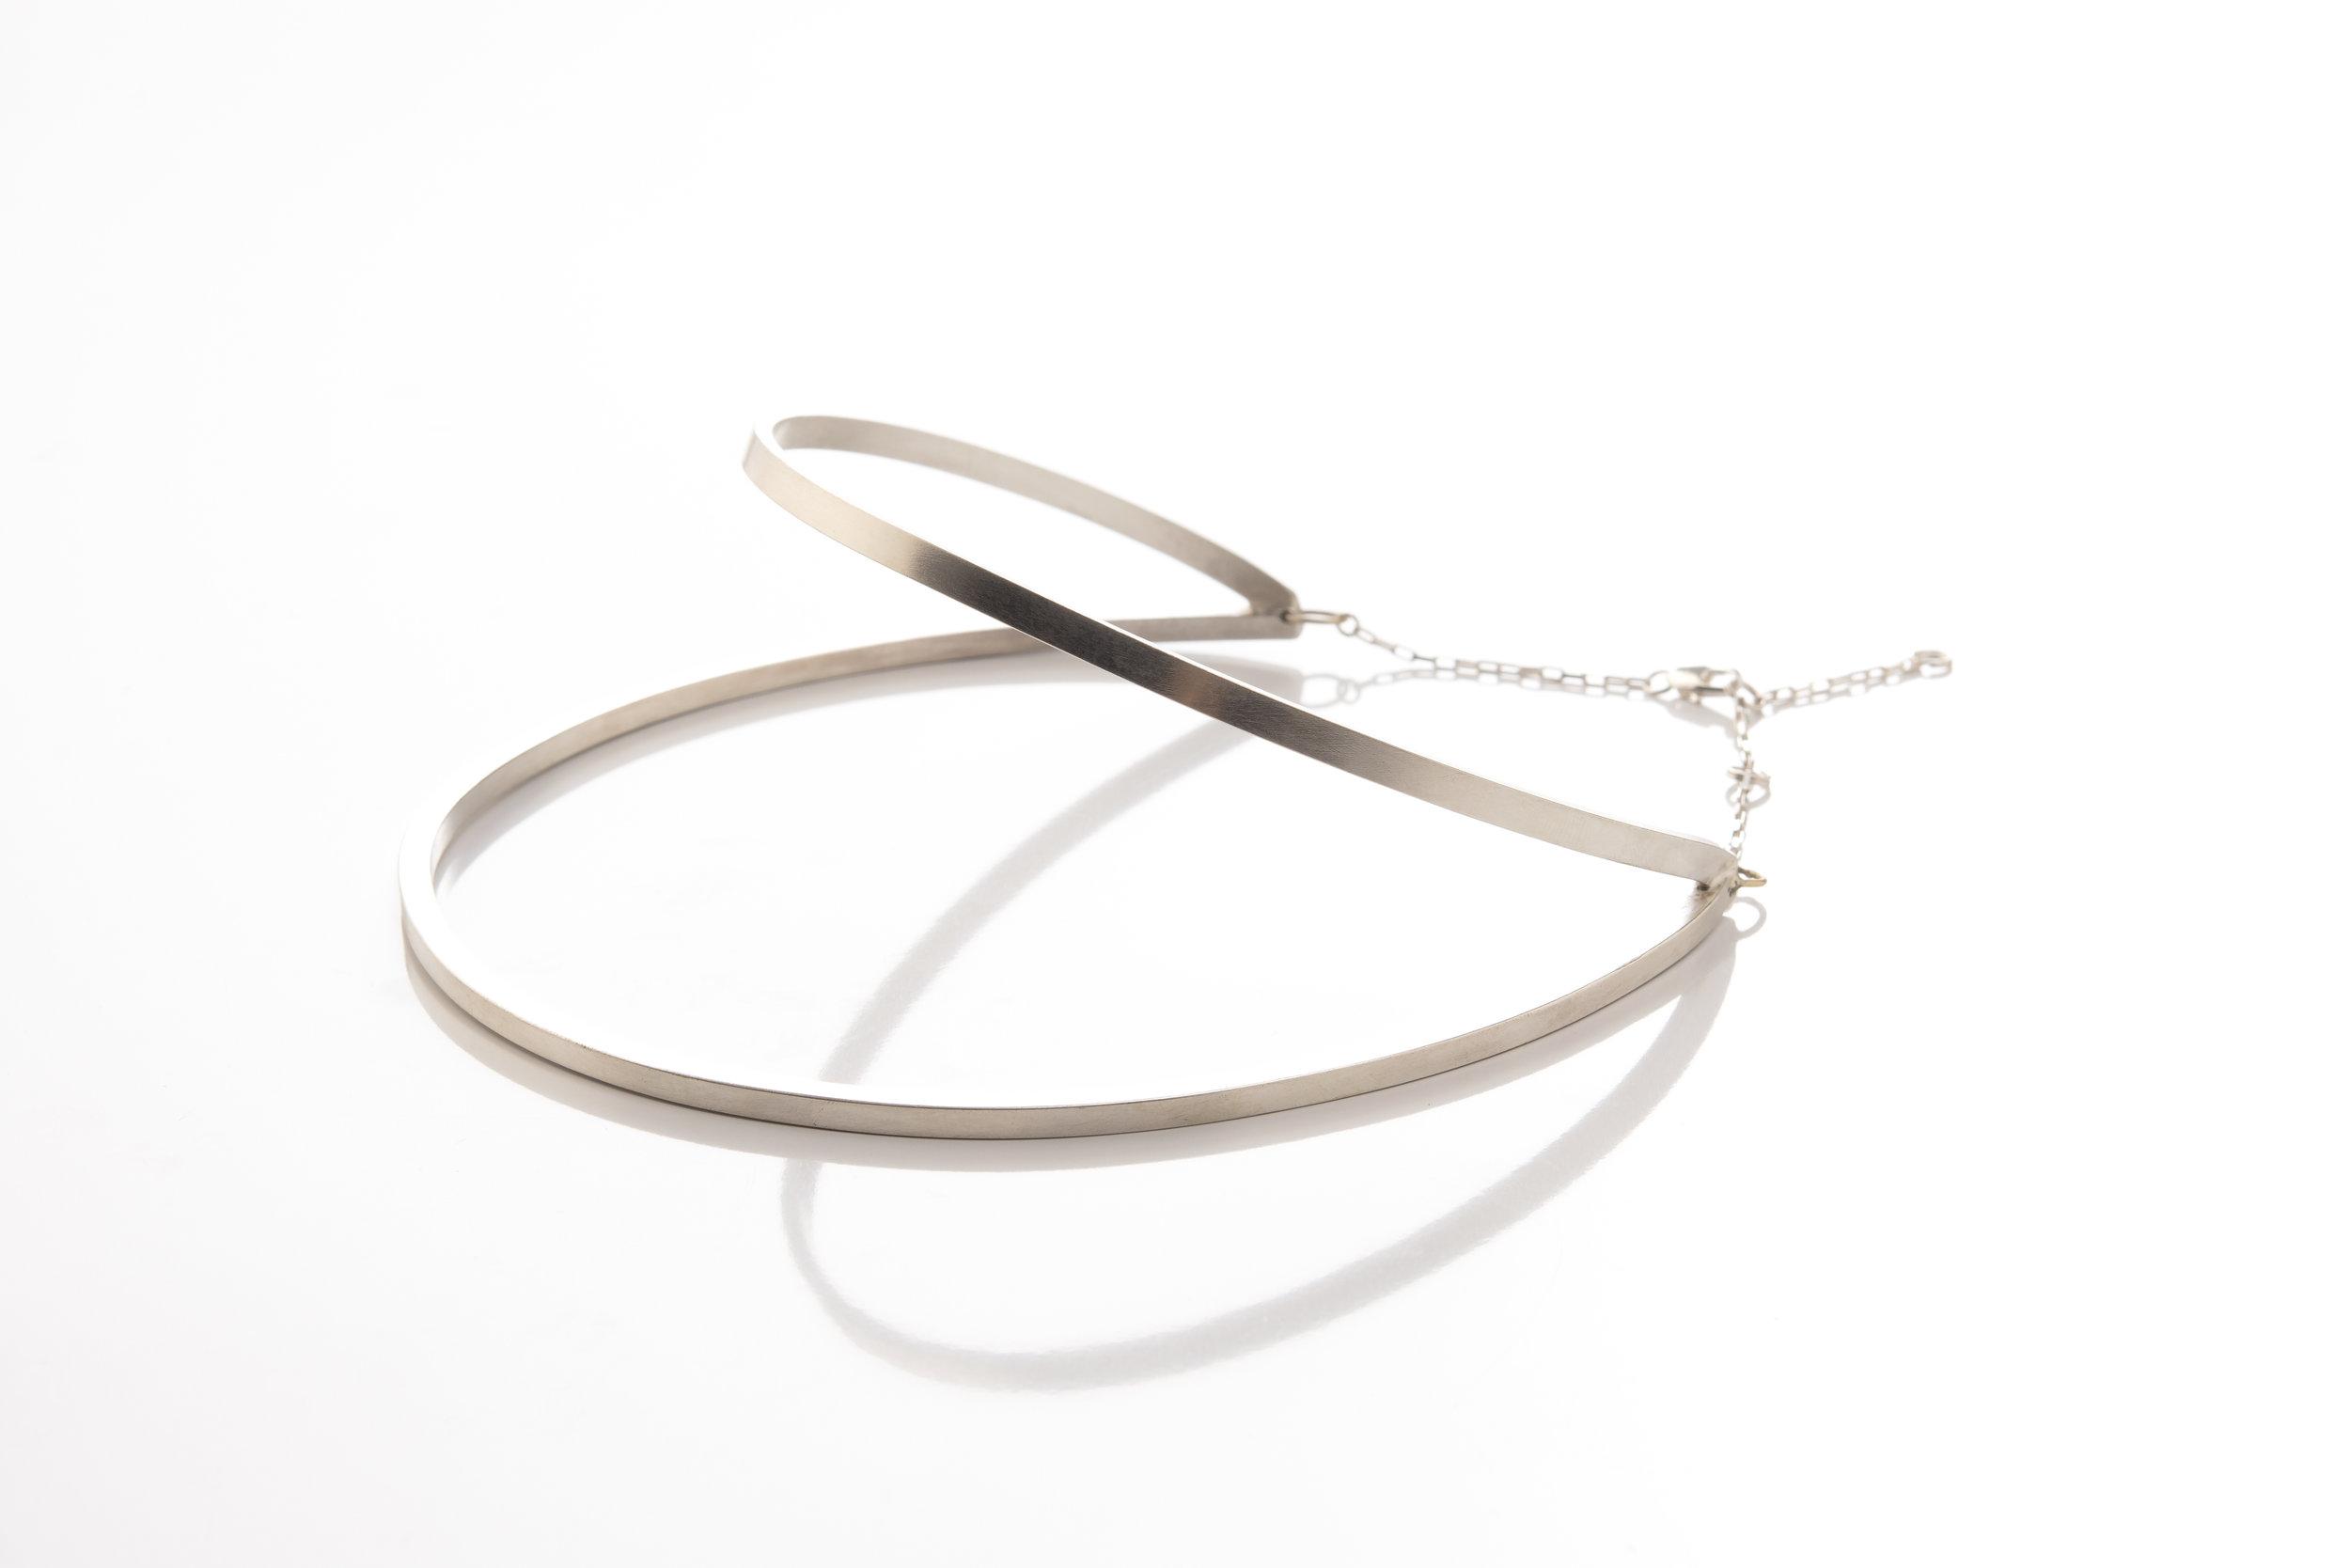 01_Ulterior_necklace.jpg